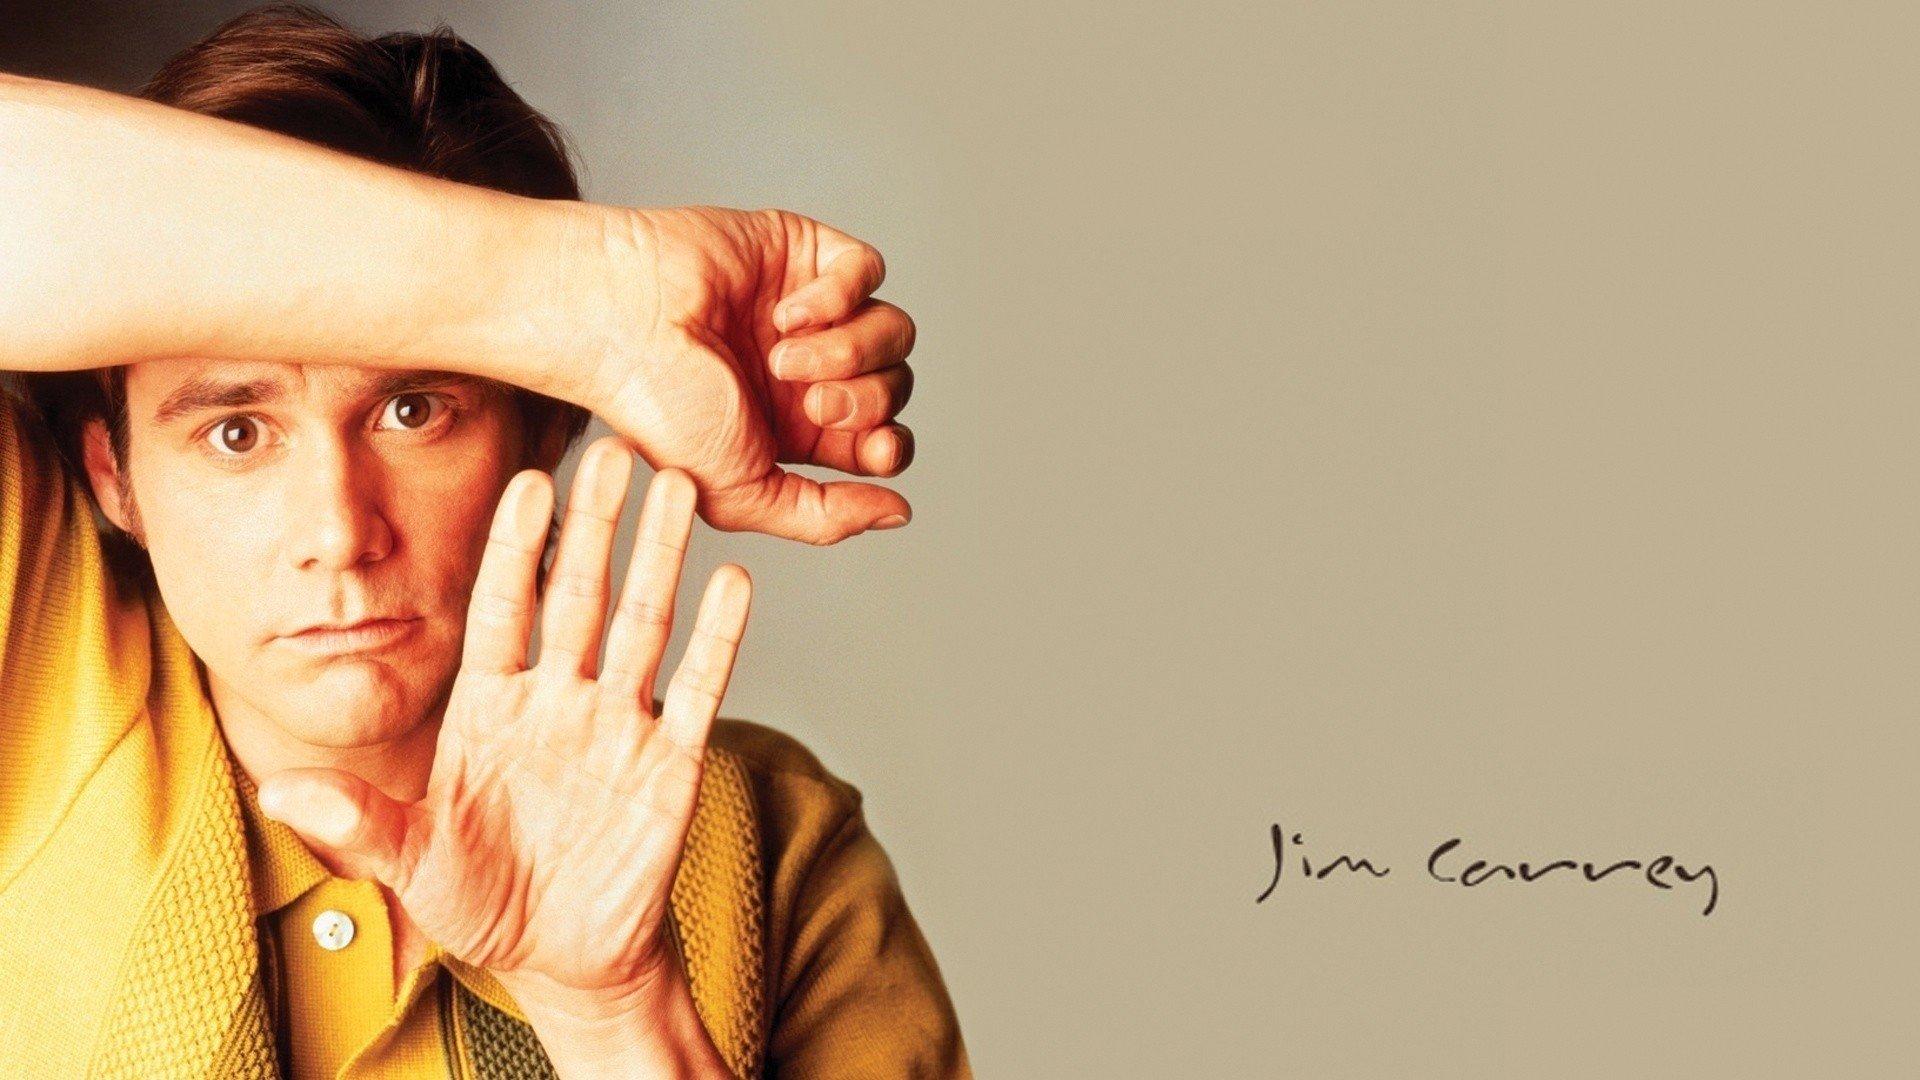 Jim Carrey Wallpapers